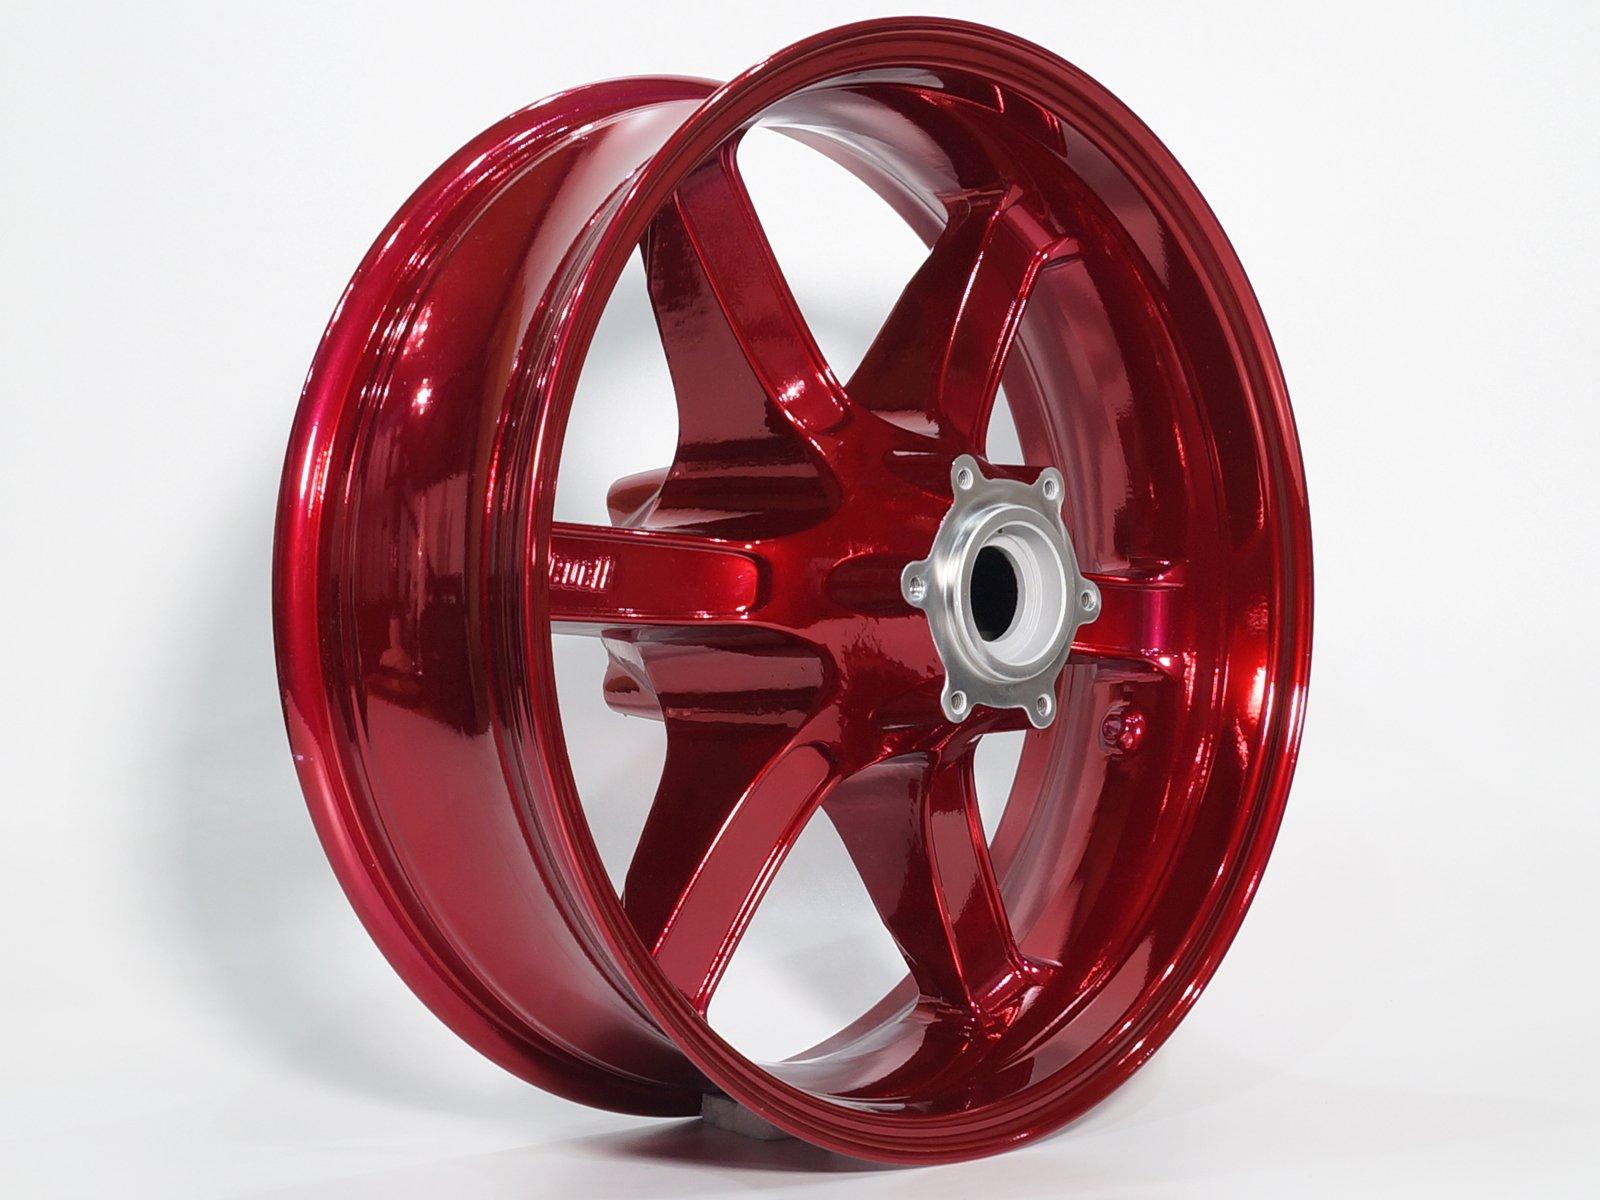 pulverlack farbtrend red candy hochglanz mainhattan wheels. Black Bedroom Furniture Sets. Home Design Ideas